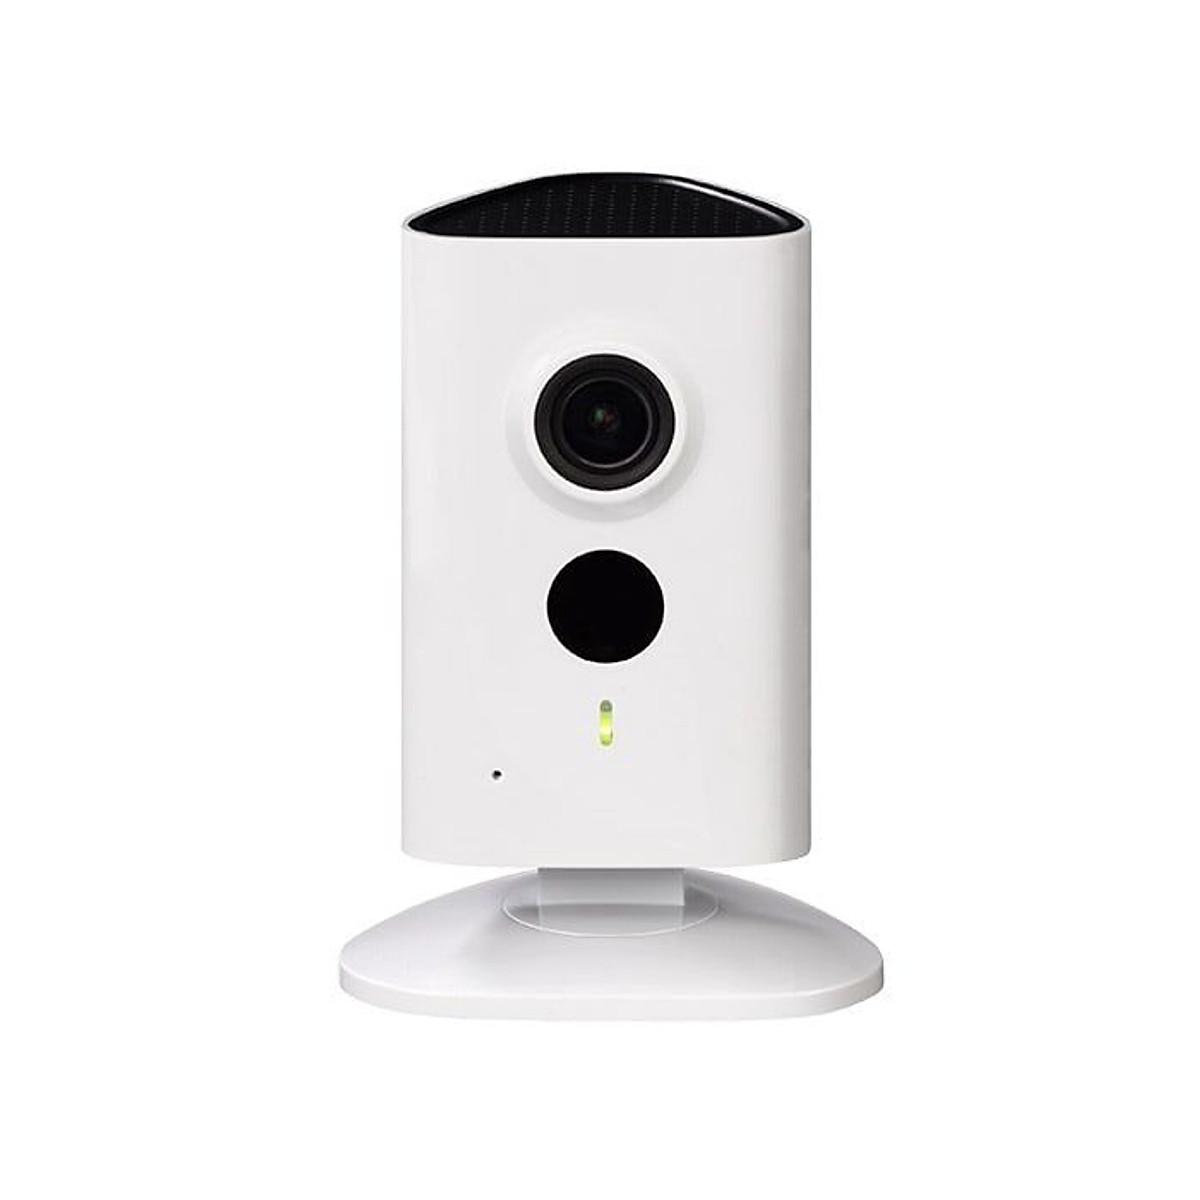 Camera IP Wifi 1.3 MP Dahua IPC-C15P – Hàng nhập khẩu